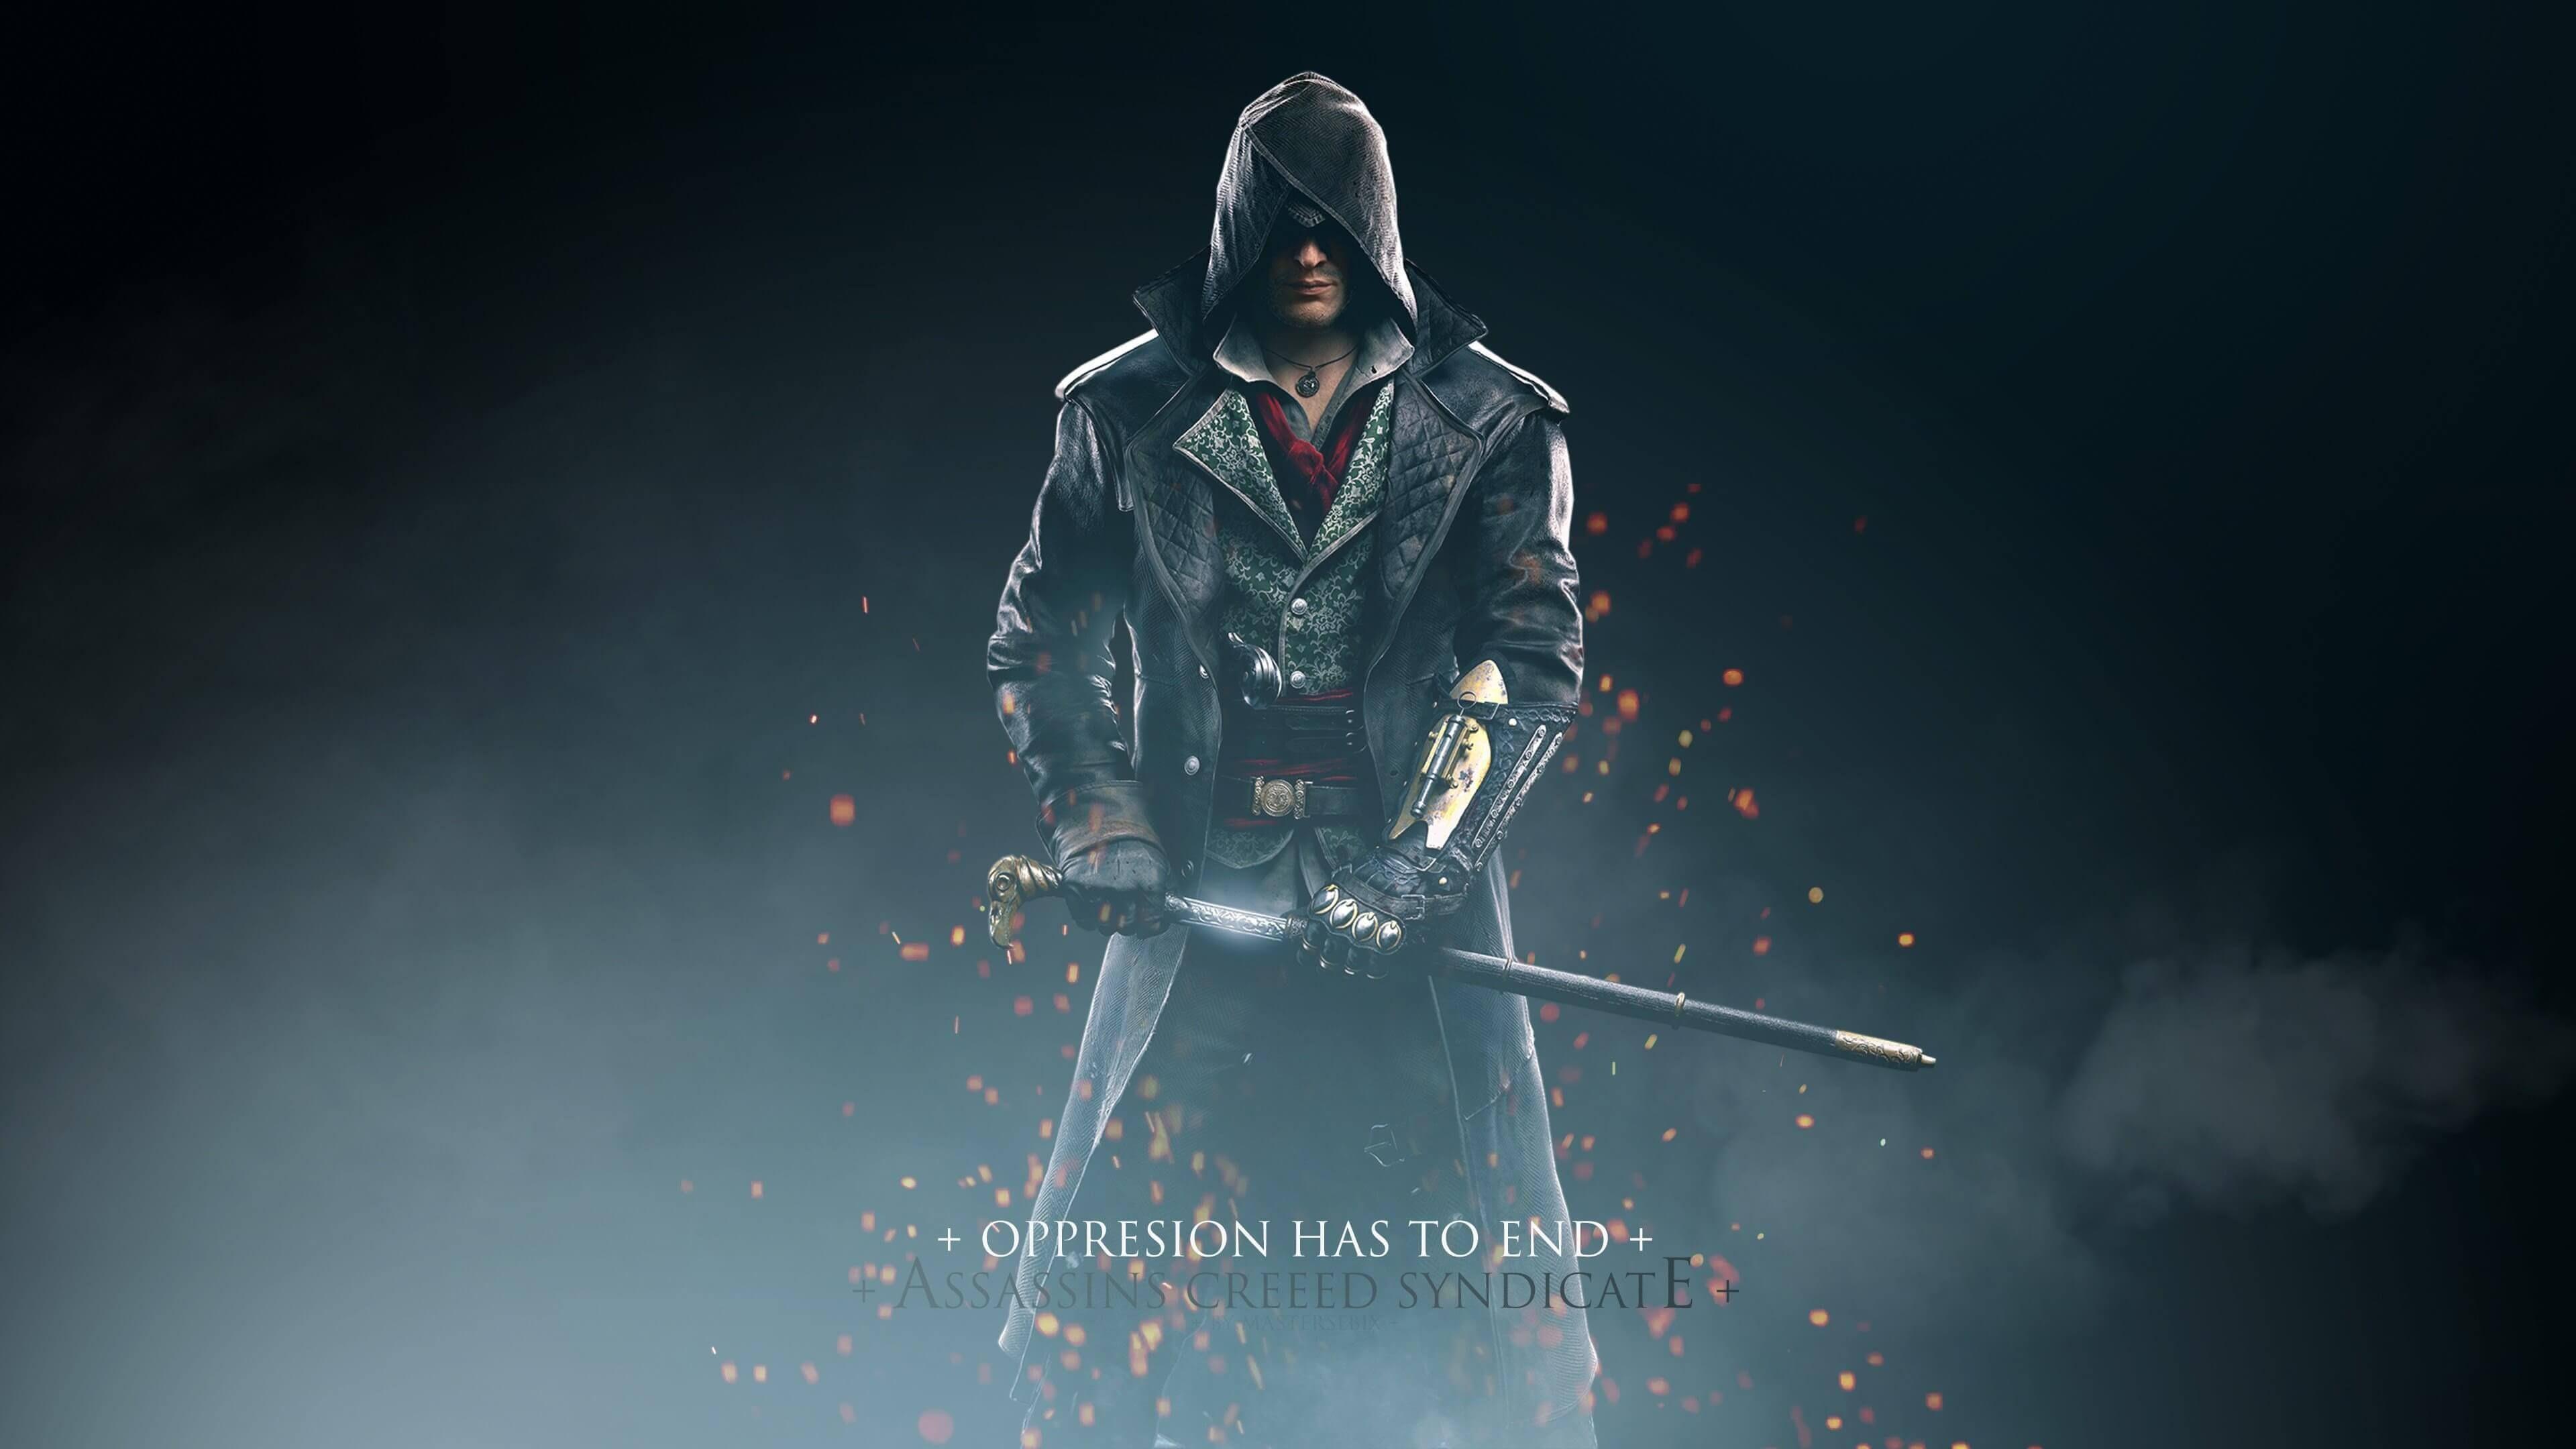 4k Wallpaper L8 Wallpaper Epic Assassin S Creed Wallpaper Assassins Creed Assassin S Creed Hd